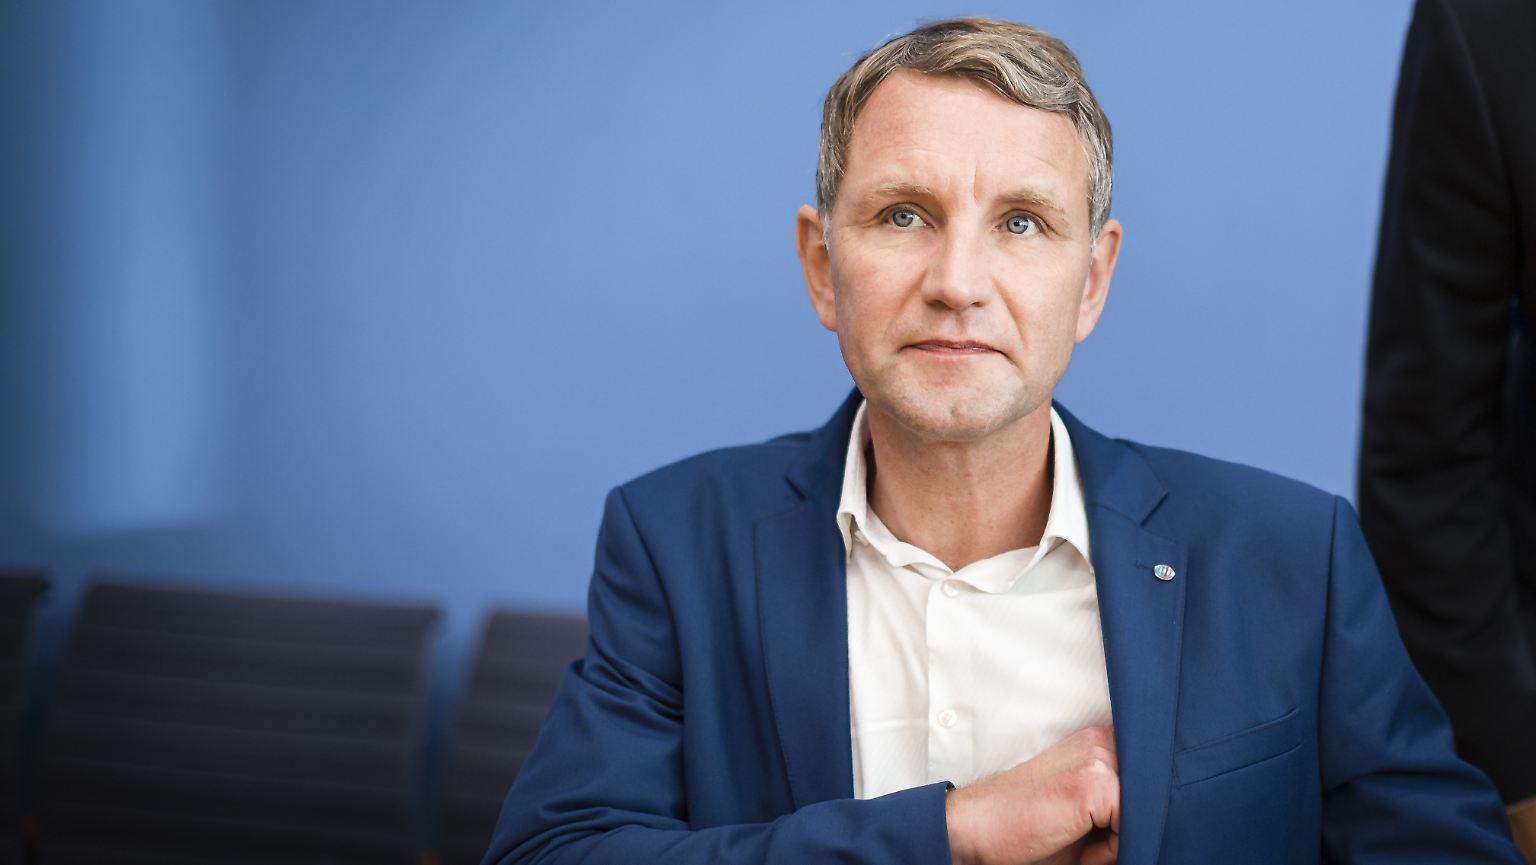 Über ein gescheitertes Interview: Björn Höcke will doch nicht reden - n-tv.de